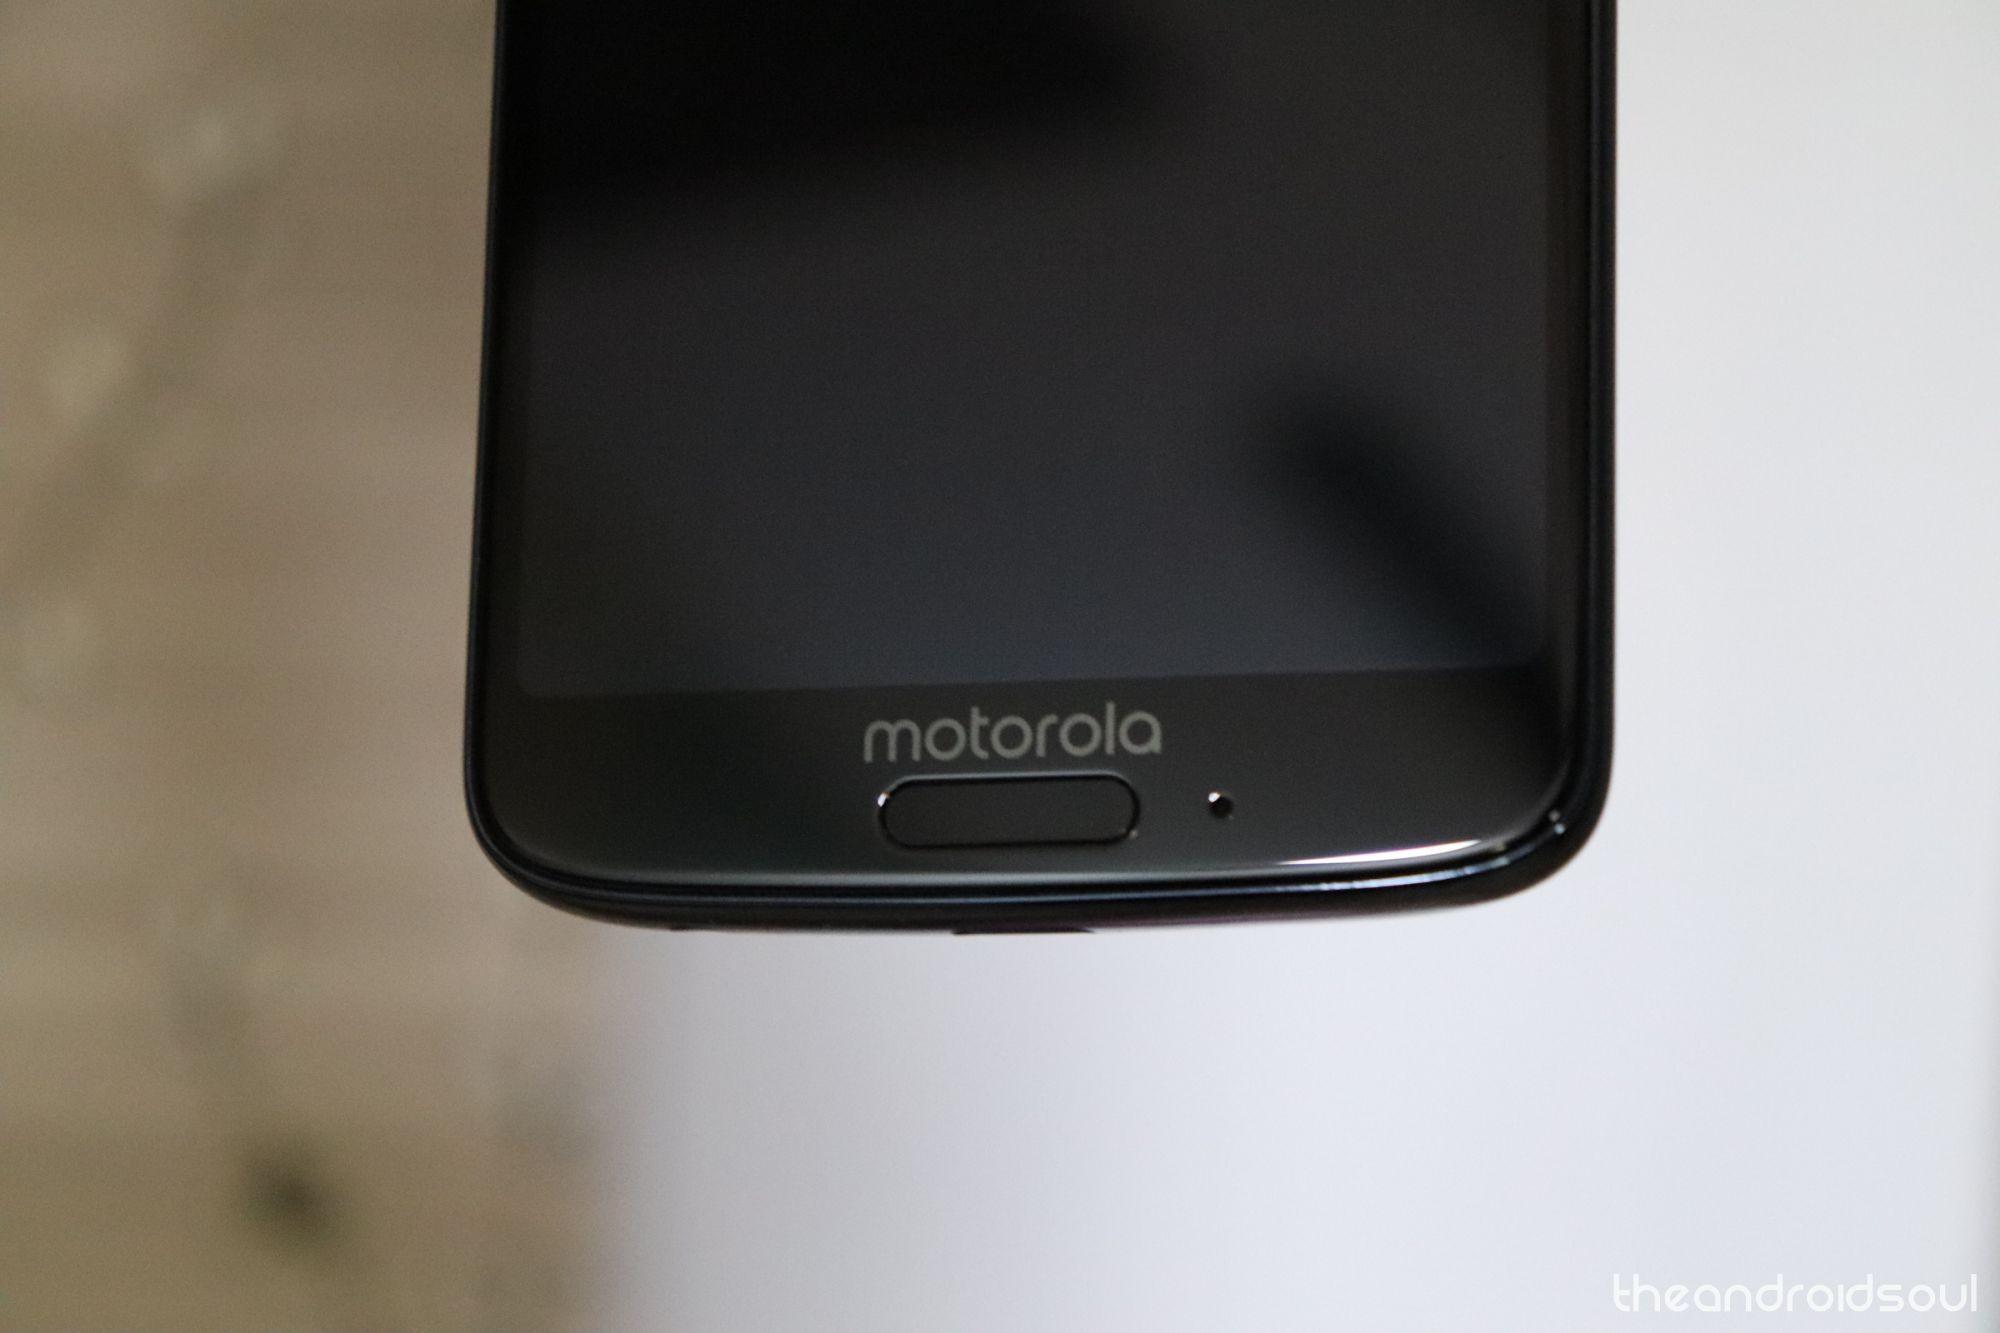 Motorola logo image